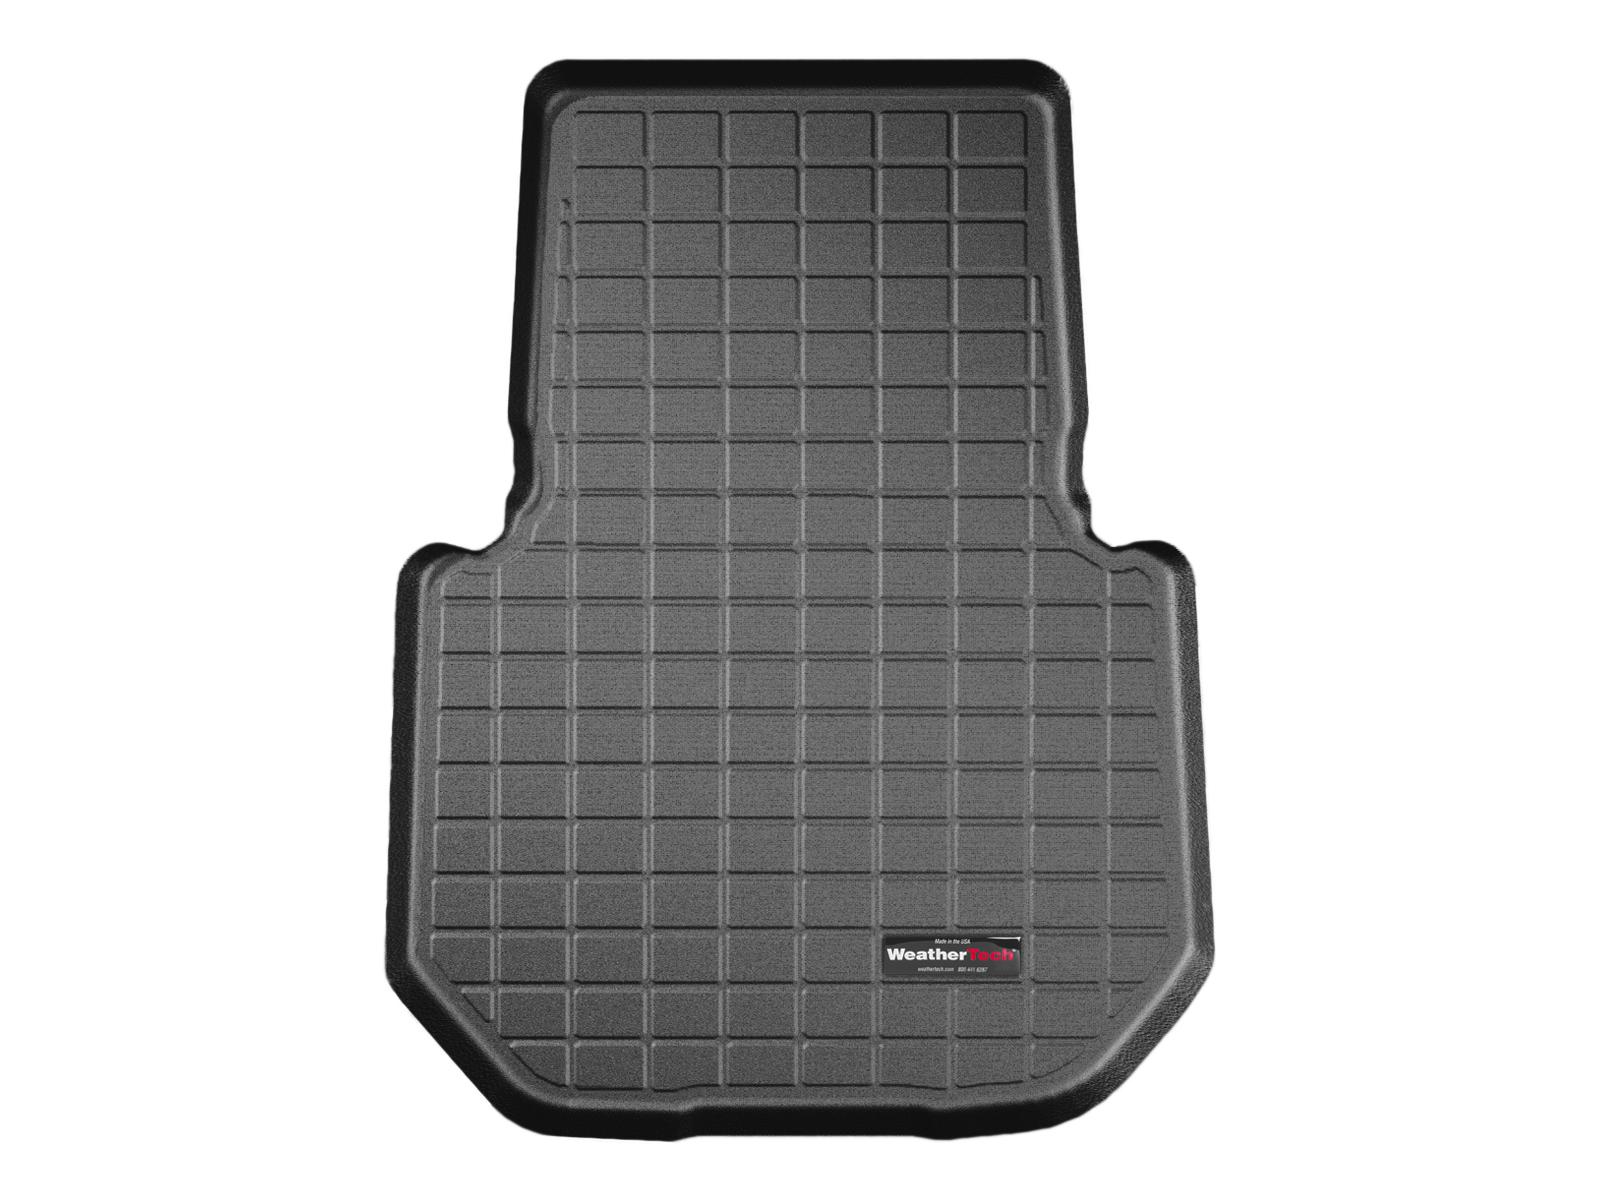 Tesla Model S 2014>2015 Vasca baule WeatherTech bagagliaio nero *1214*